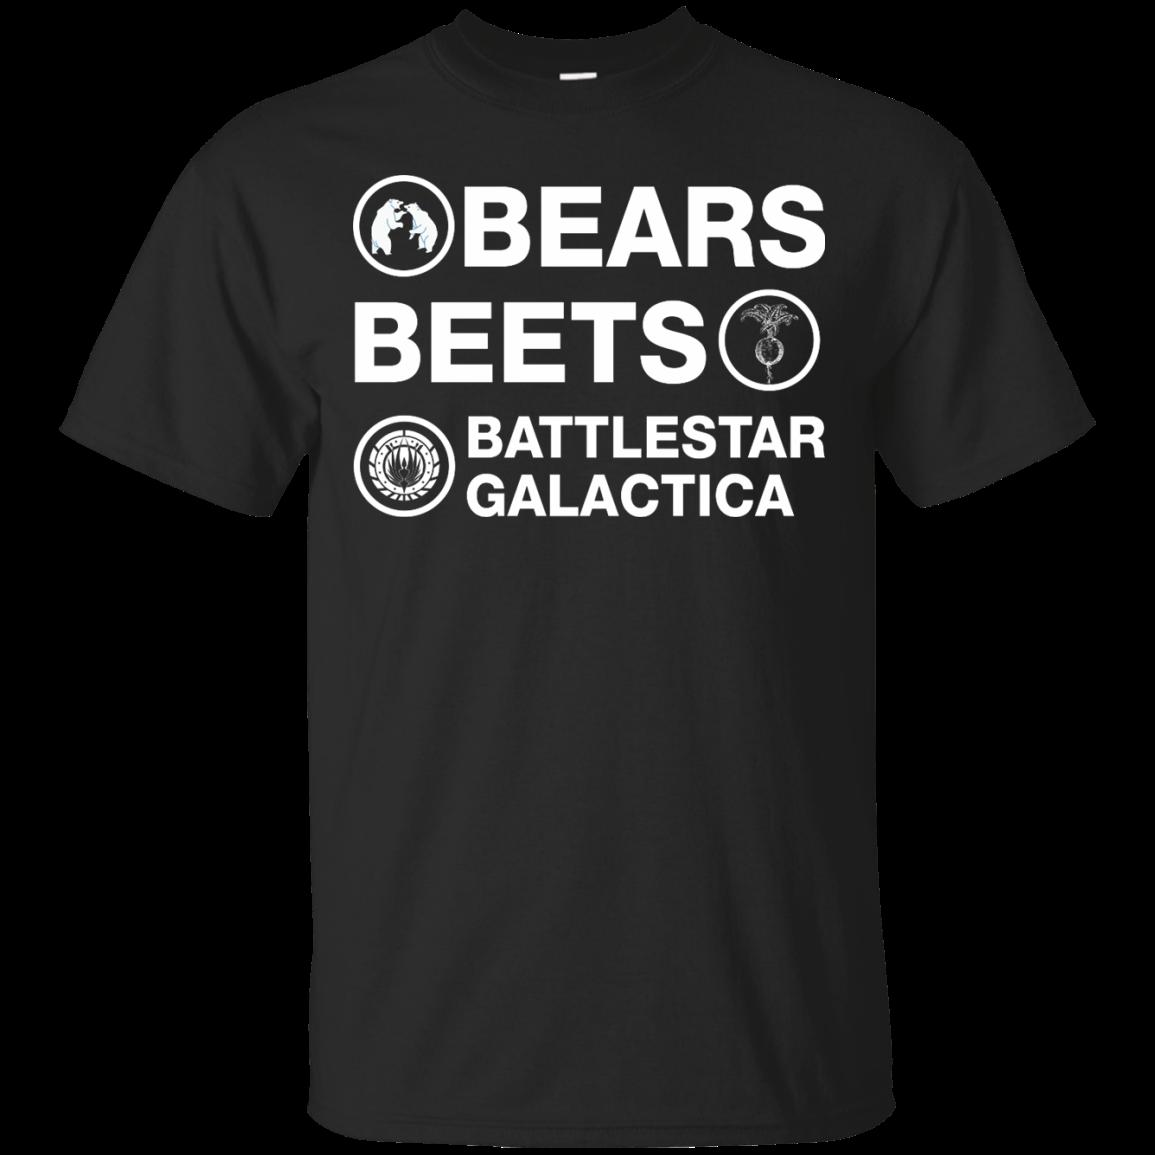 Bears Beets Battlestar Galactica Shirt Sweater Tank Merchandise